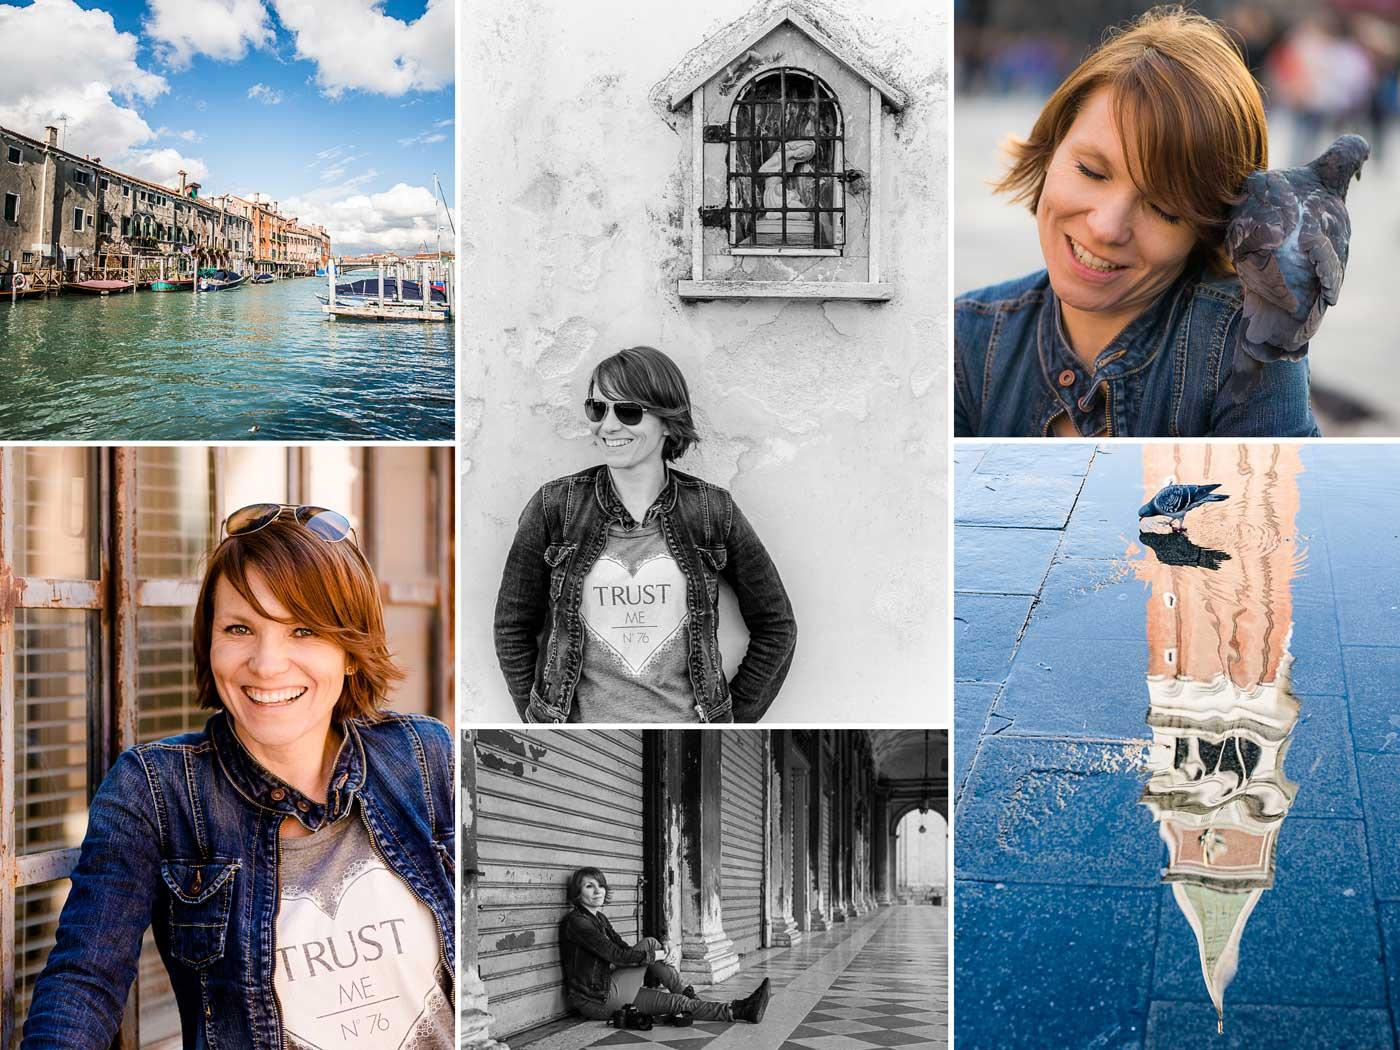 Melpomeni in Venedig